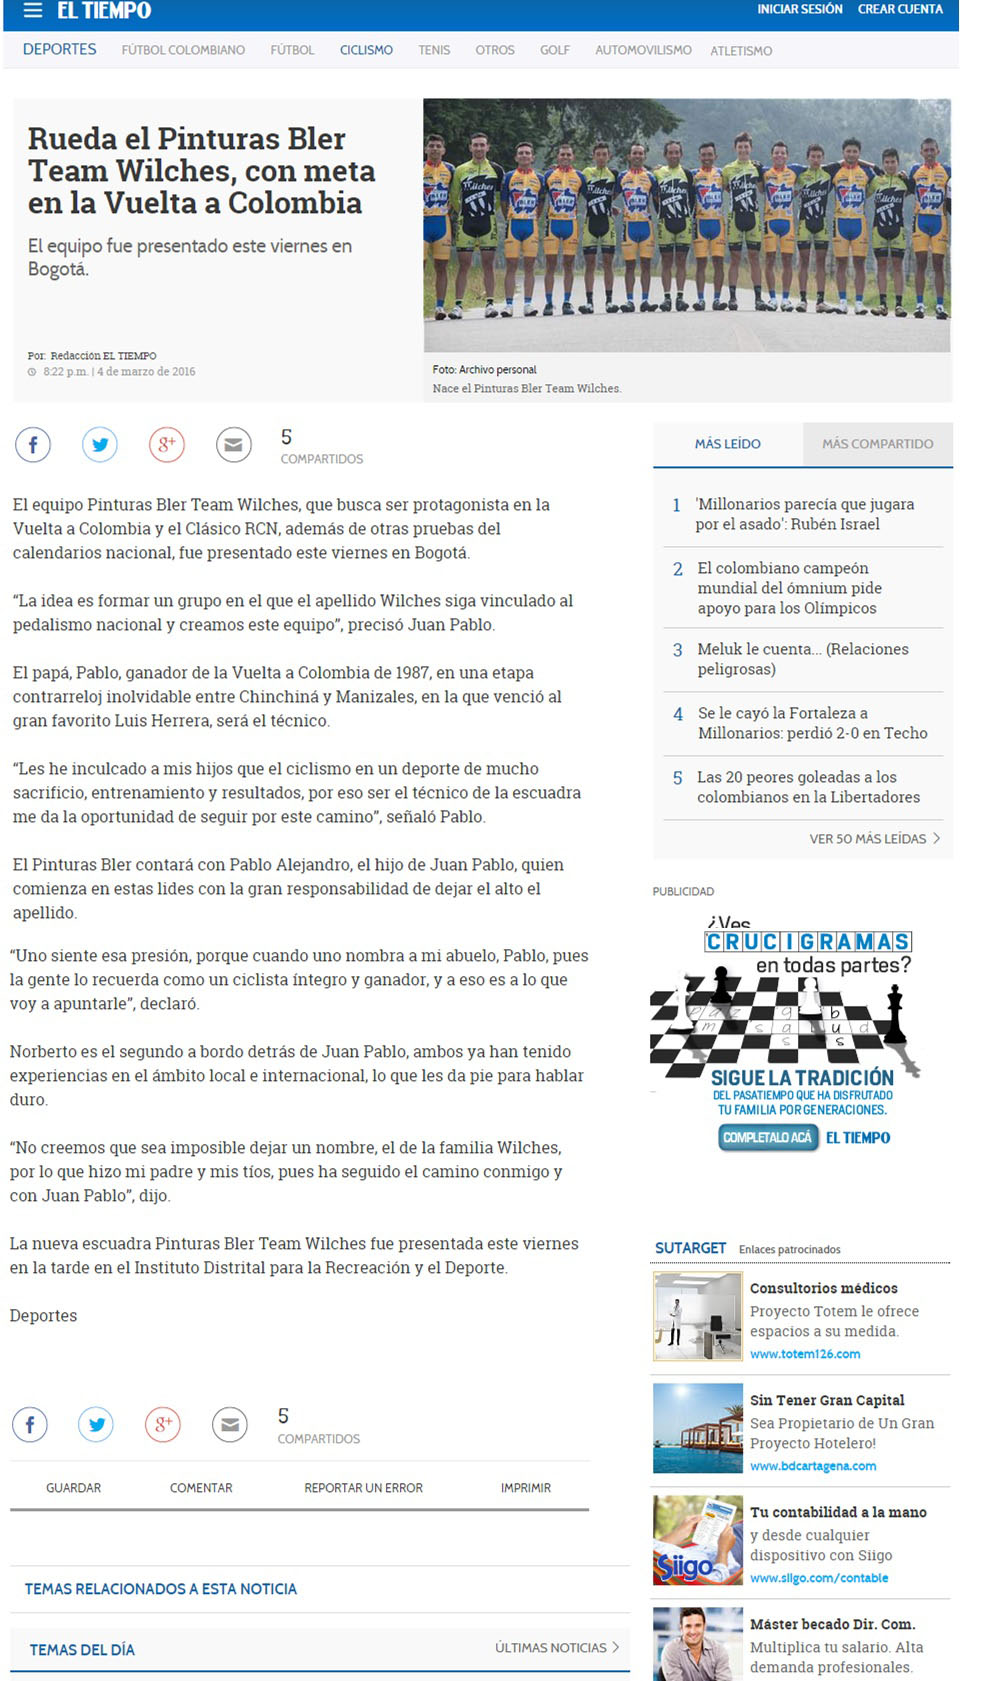 Tiempo.com 4 de Marzo 2015 [web]